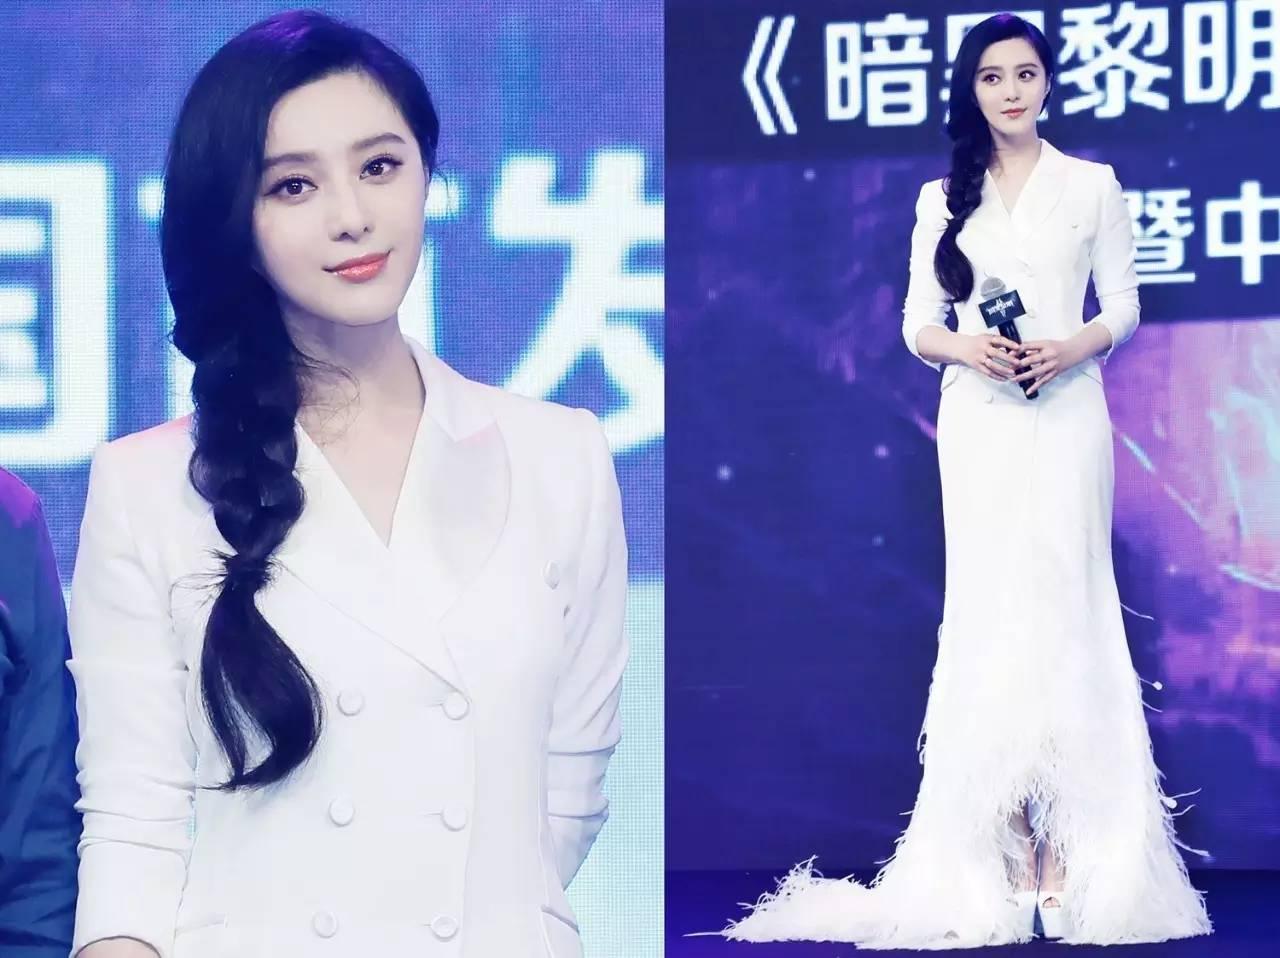 迷信宇宙大牌?不如来看看凯特王妃刘涛周冬雨都穿啥!